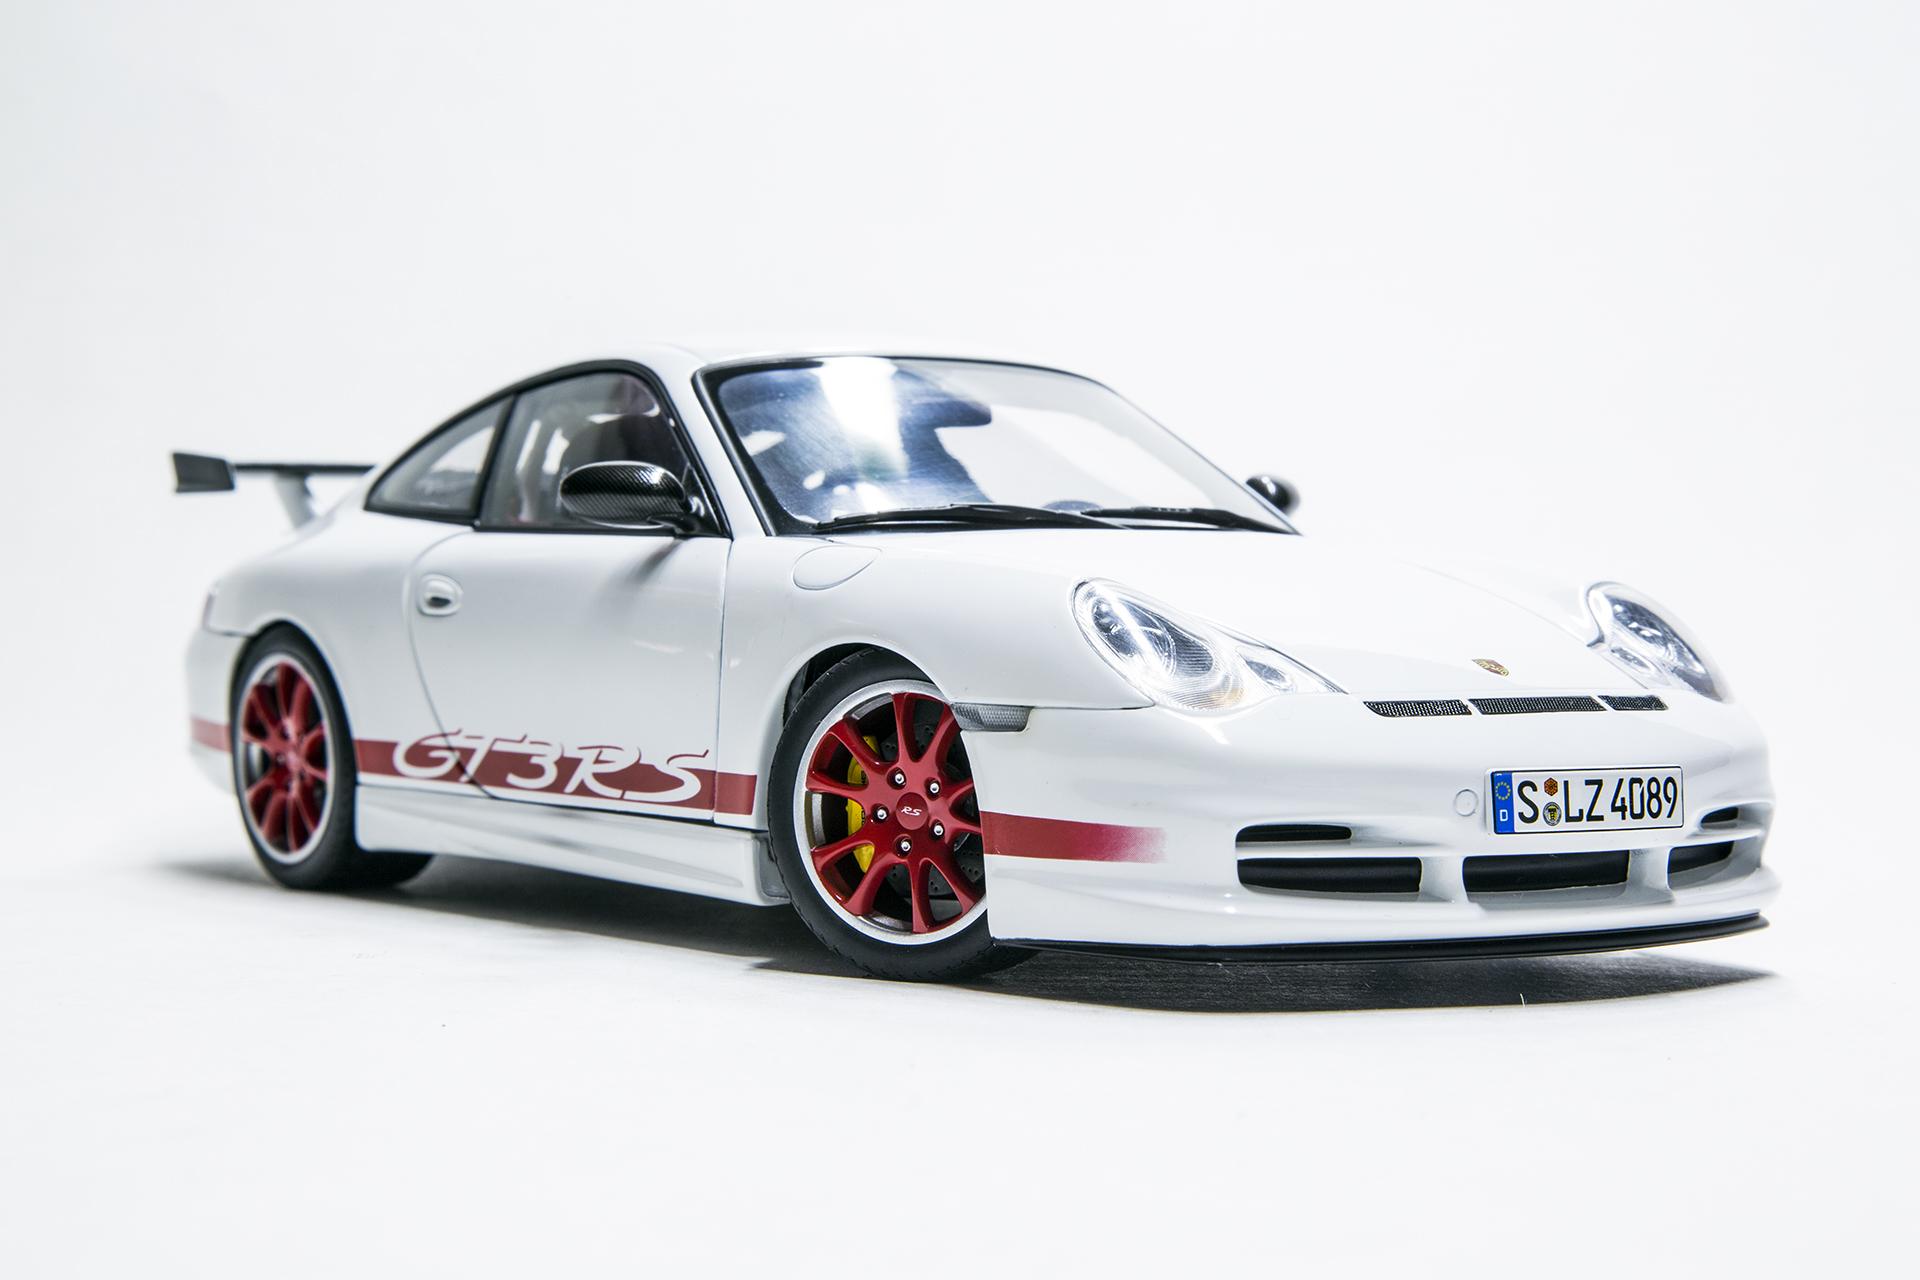 18diecast com | 1:18 Scale Diecast Model Cars » Porsche 911